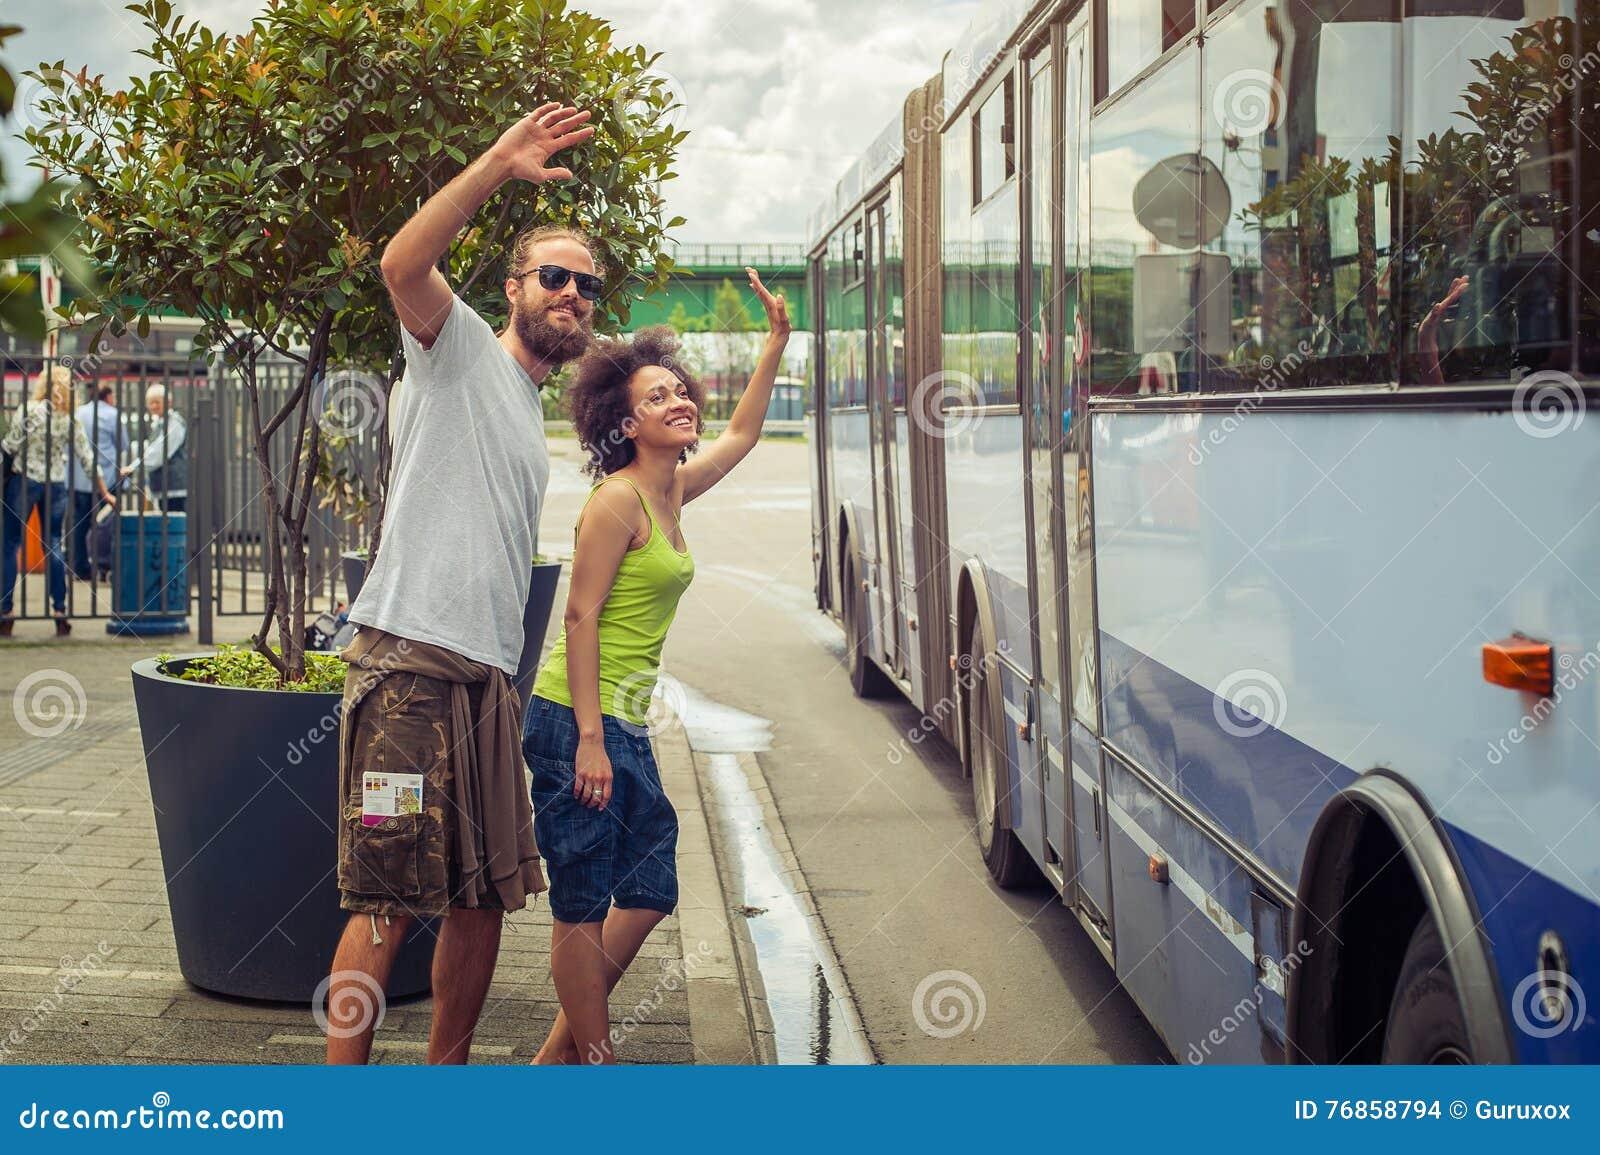 junge paare die zu ihren freunden auf dem bus zum abschied winken stockfoto bild von bart. Black Bedroom Furniture Sets. Home Design Ideas